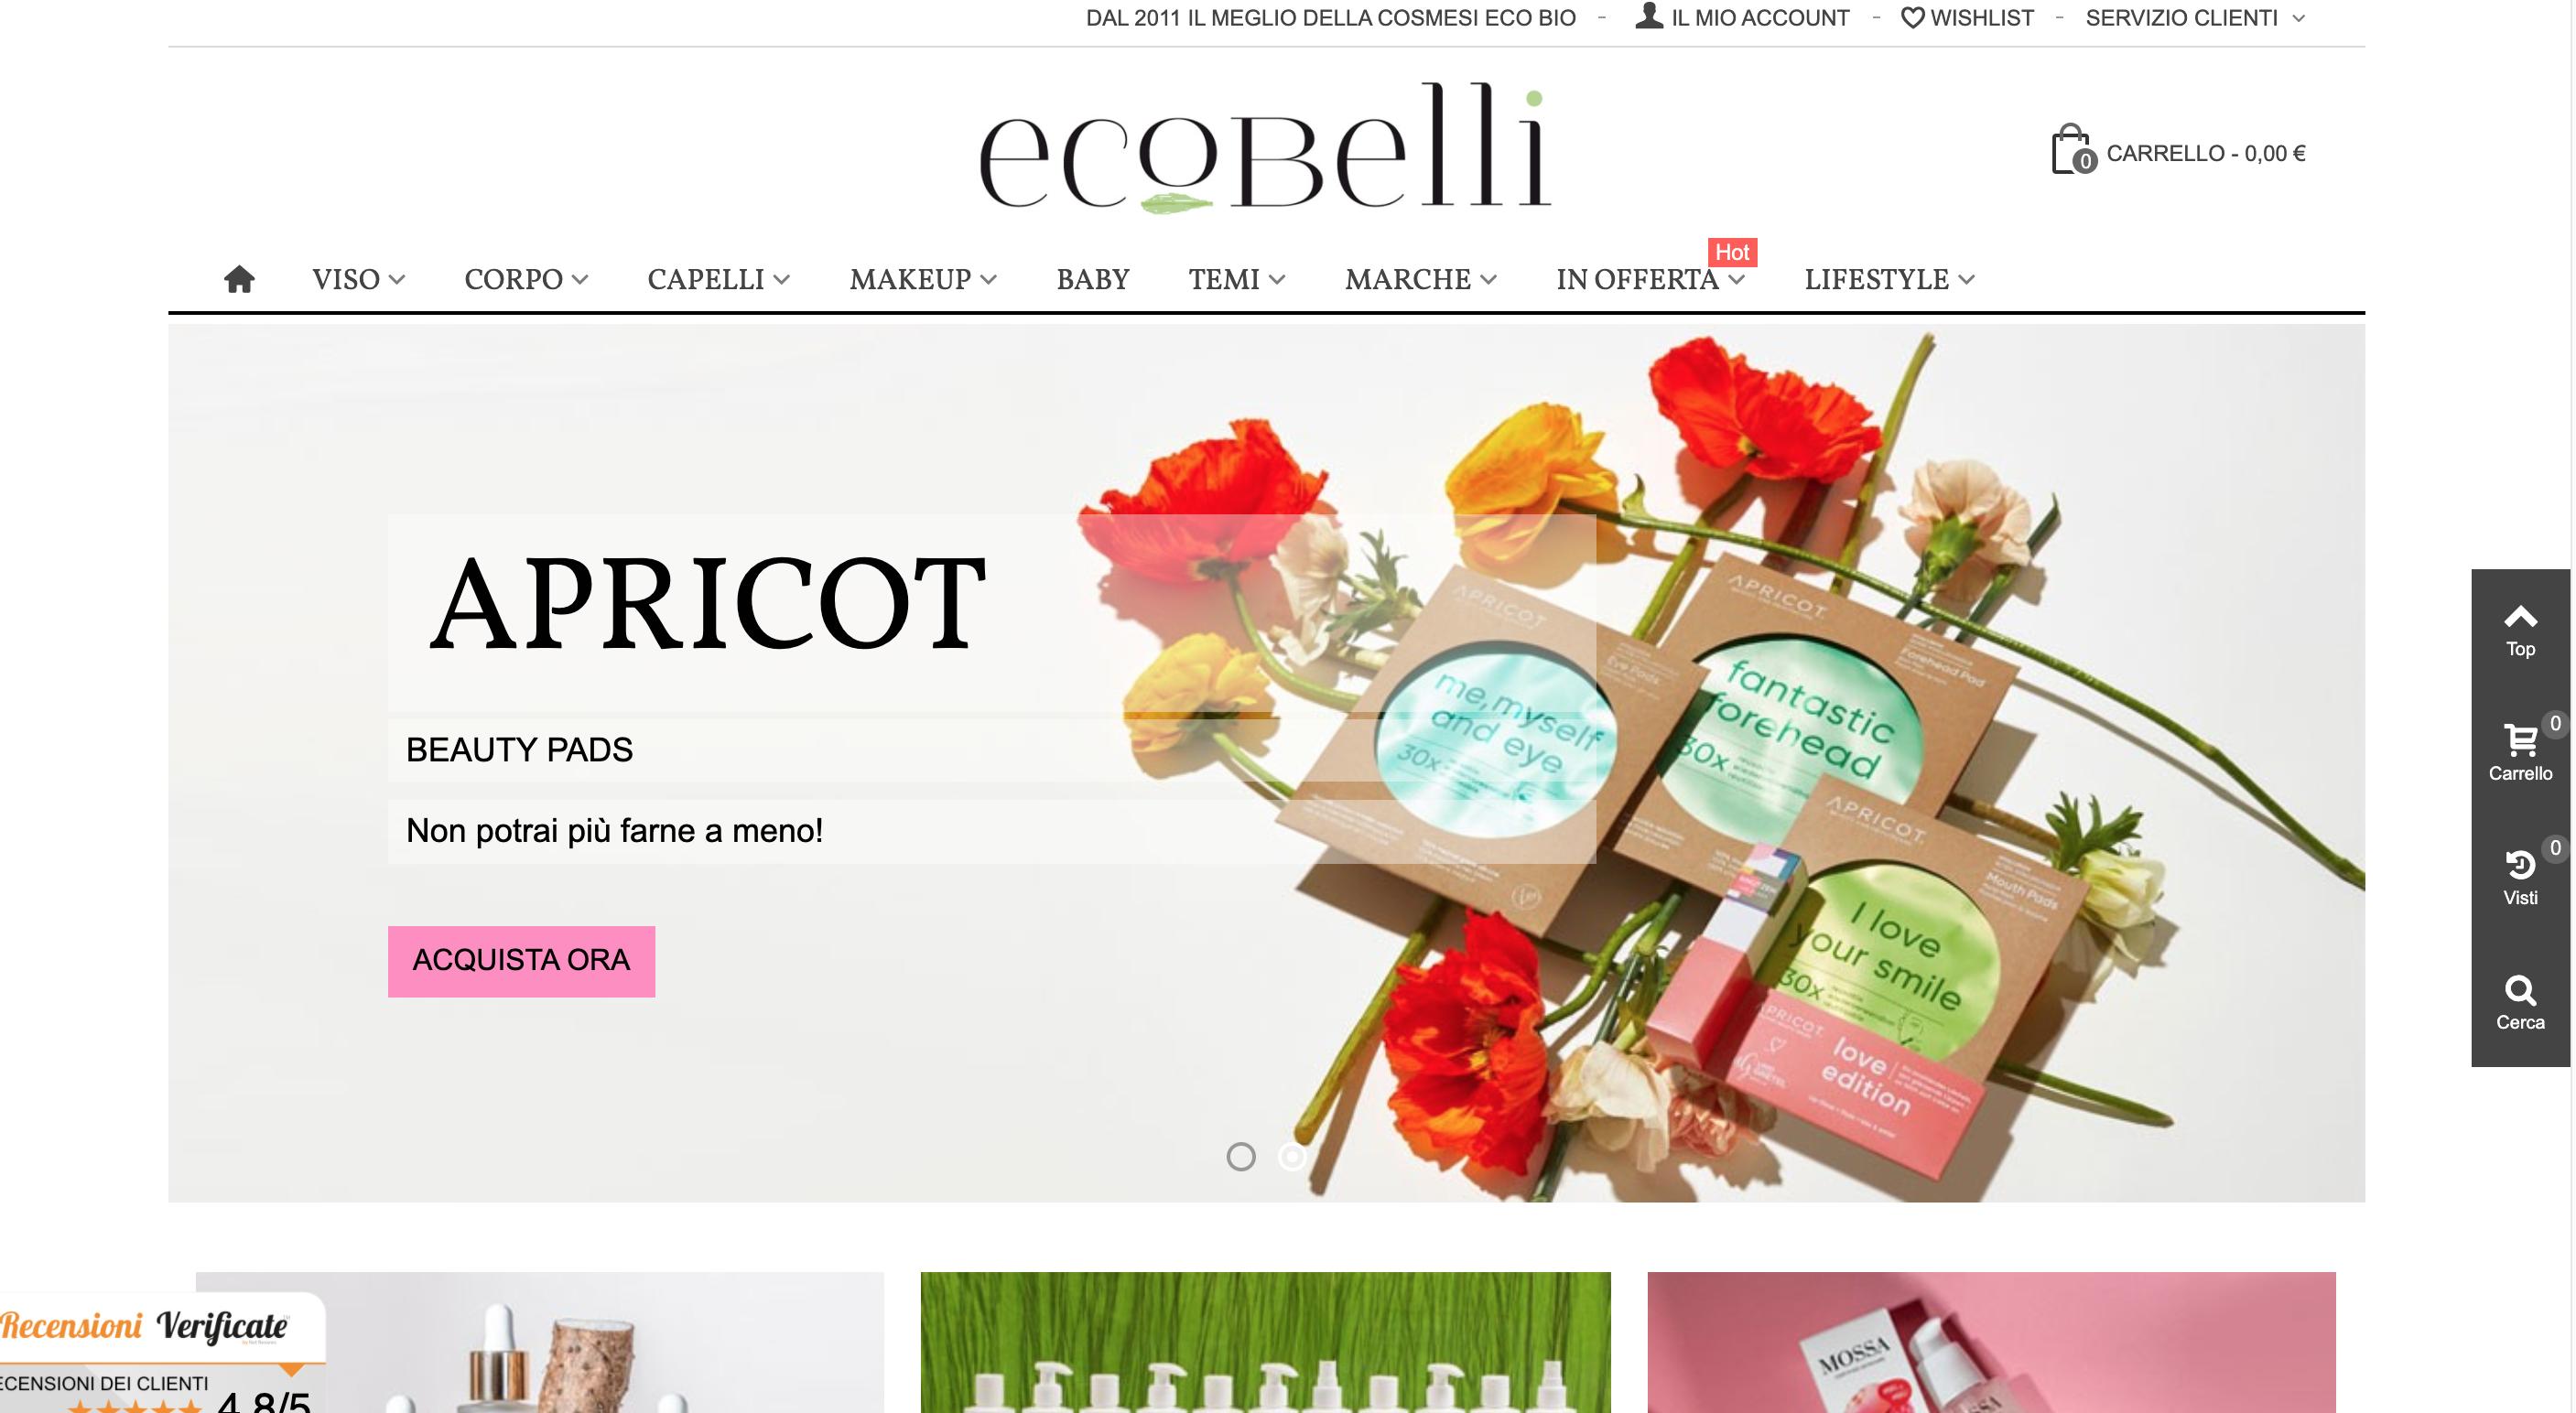 ecobelli cosmetici ecologici